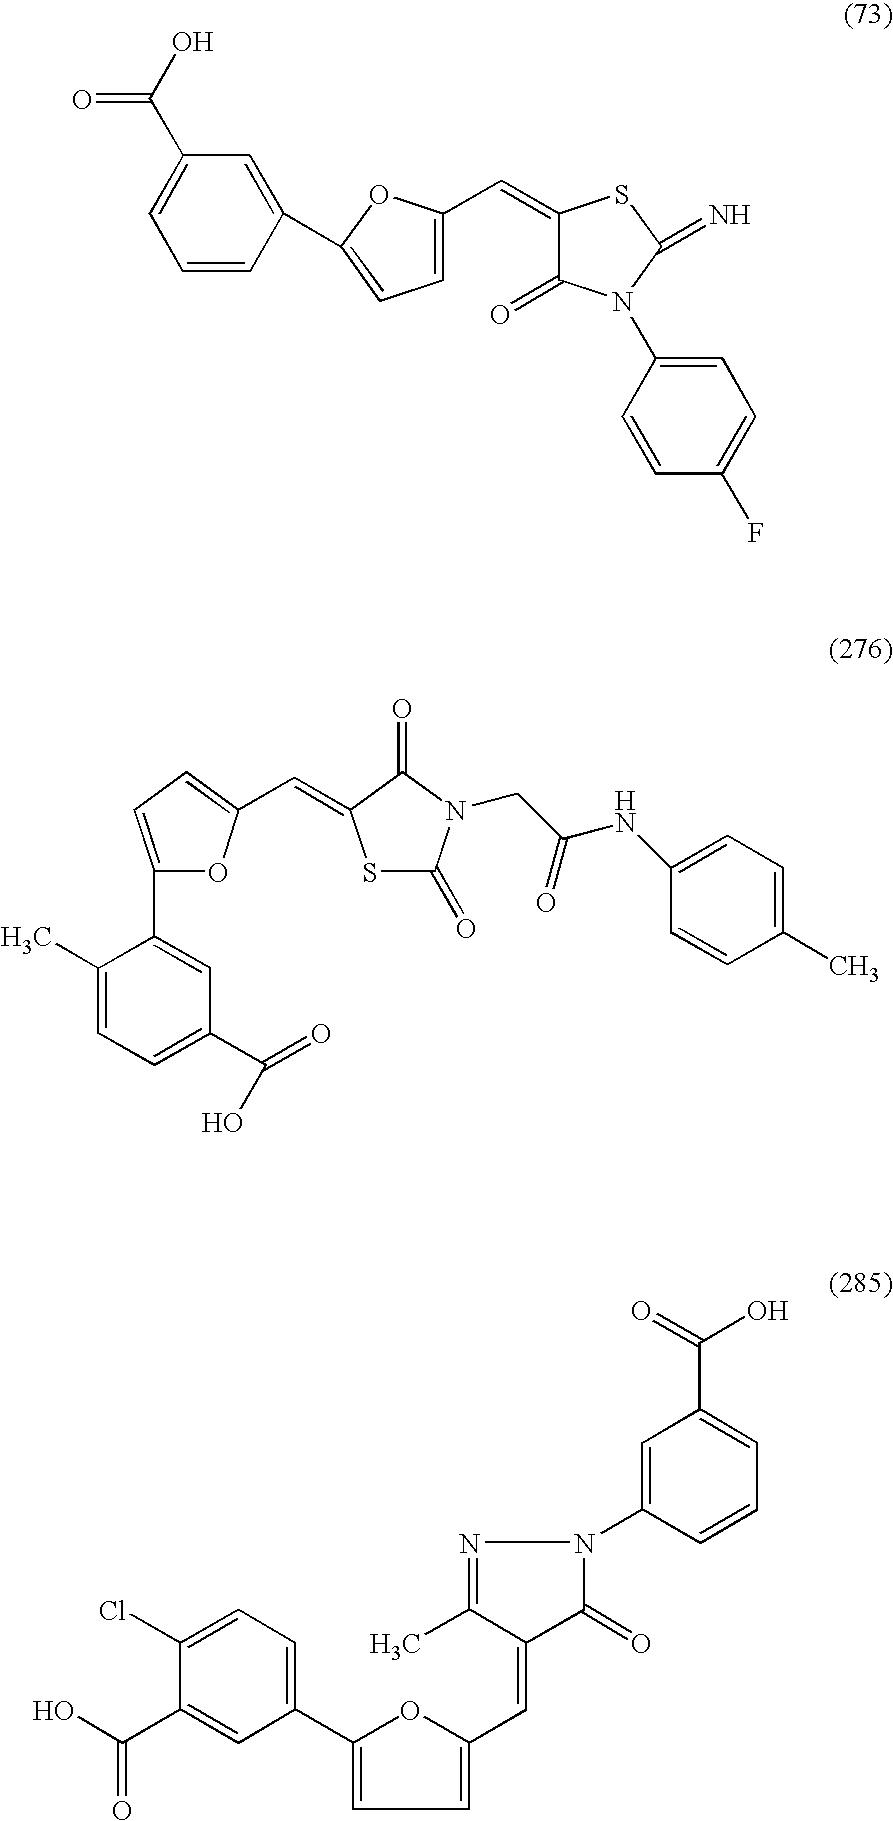 Figure US20070196395A1-20070823-C00002